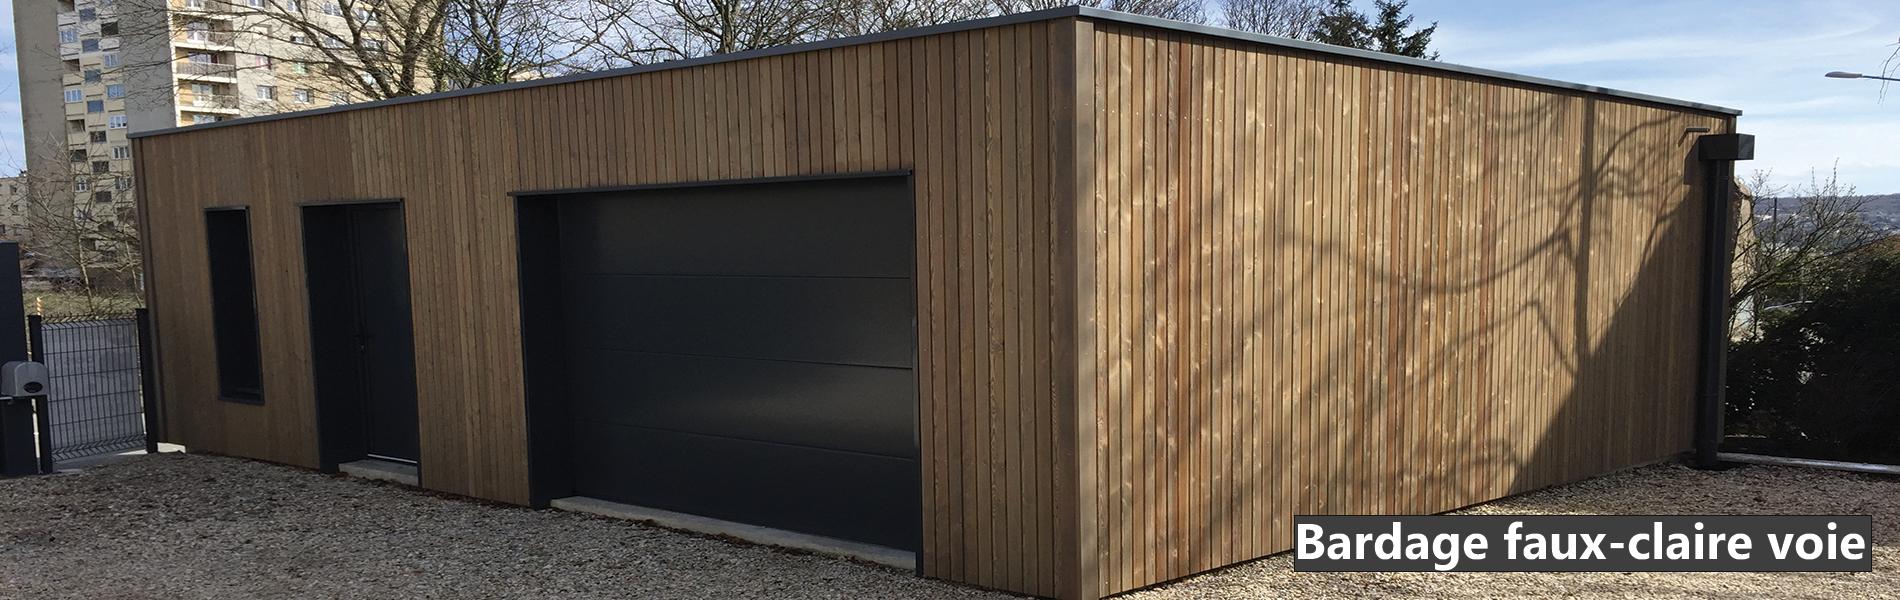 Lames De Bardage Bois Pas Cher bardages bois traités saturés - votre garage bois